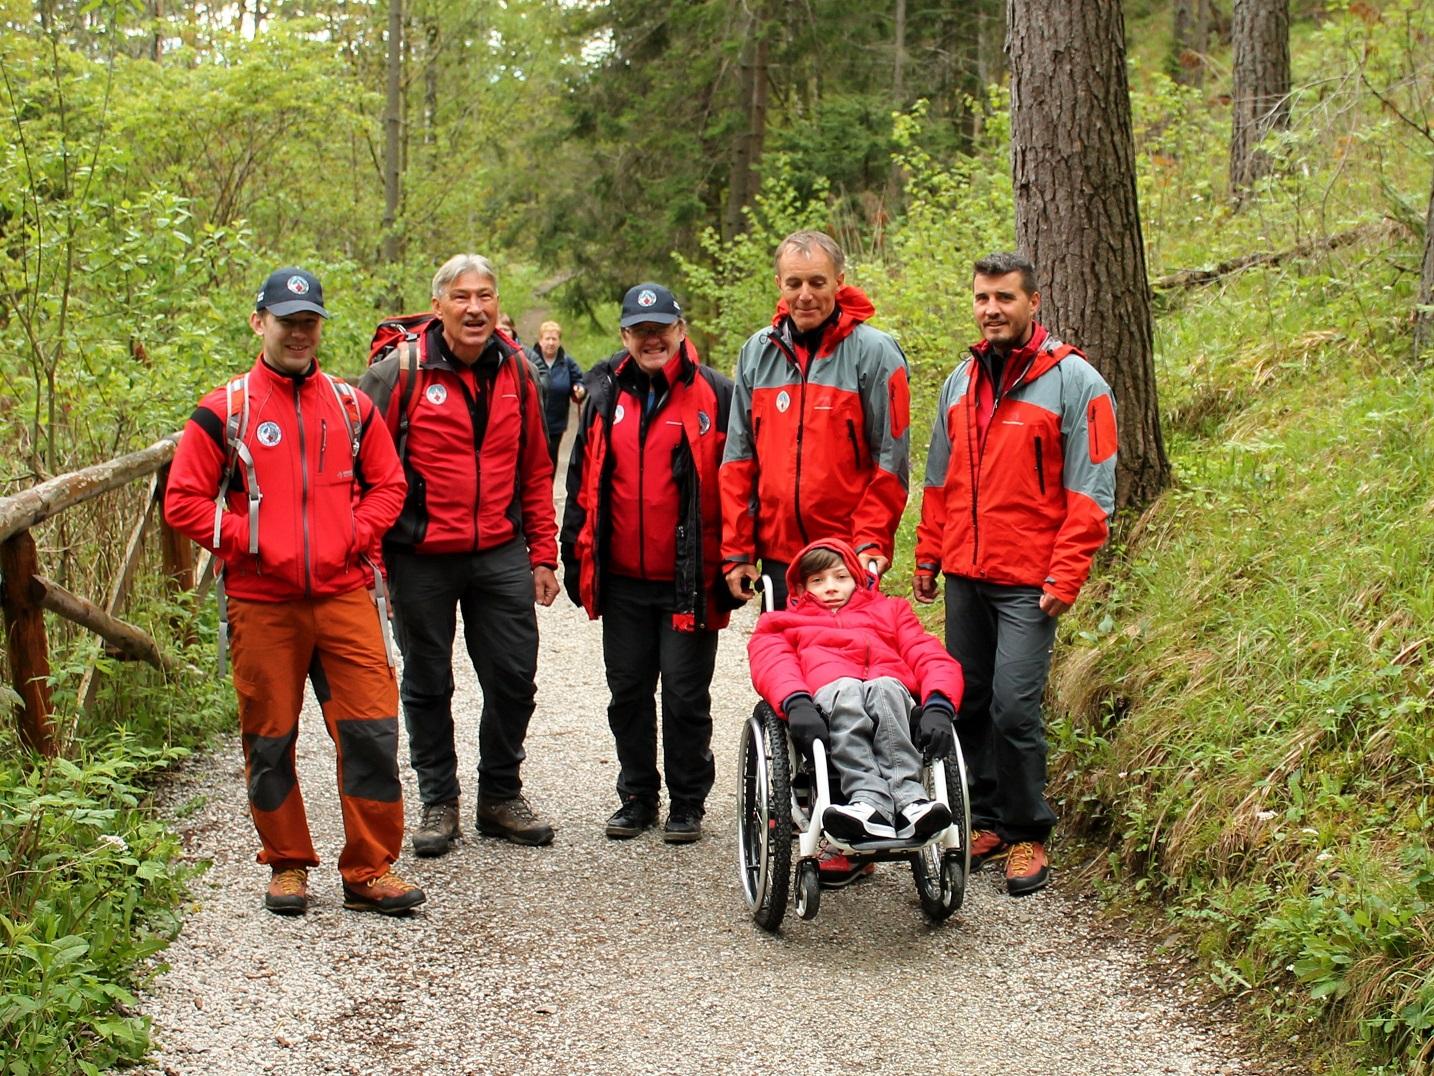 Vitajte v ŠUMNE. Len nedávno, na začiatku leta...Sedem členov Tatranskej horskej služby, dobrovoľníkov, zdvihlo do rúk chlapca aj spolu s vozíkom a prešlo s ním exkurziu Belianskej jaskyne a 860 schodov. Nikto o tom nevedel, nehovoril, nenapísal, nič za to nedostali. A to nebolo všetko.